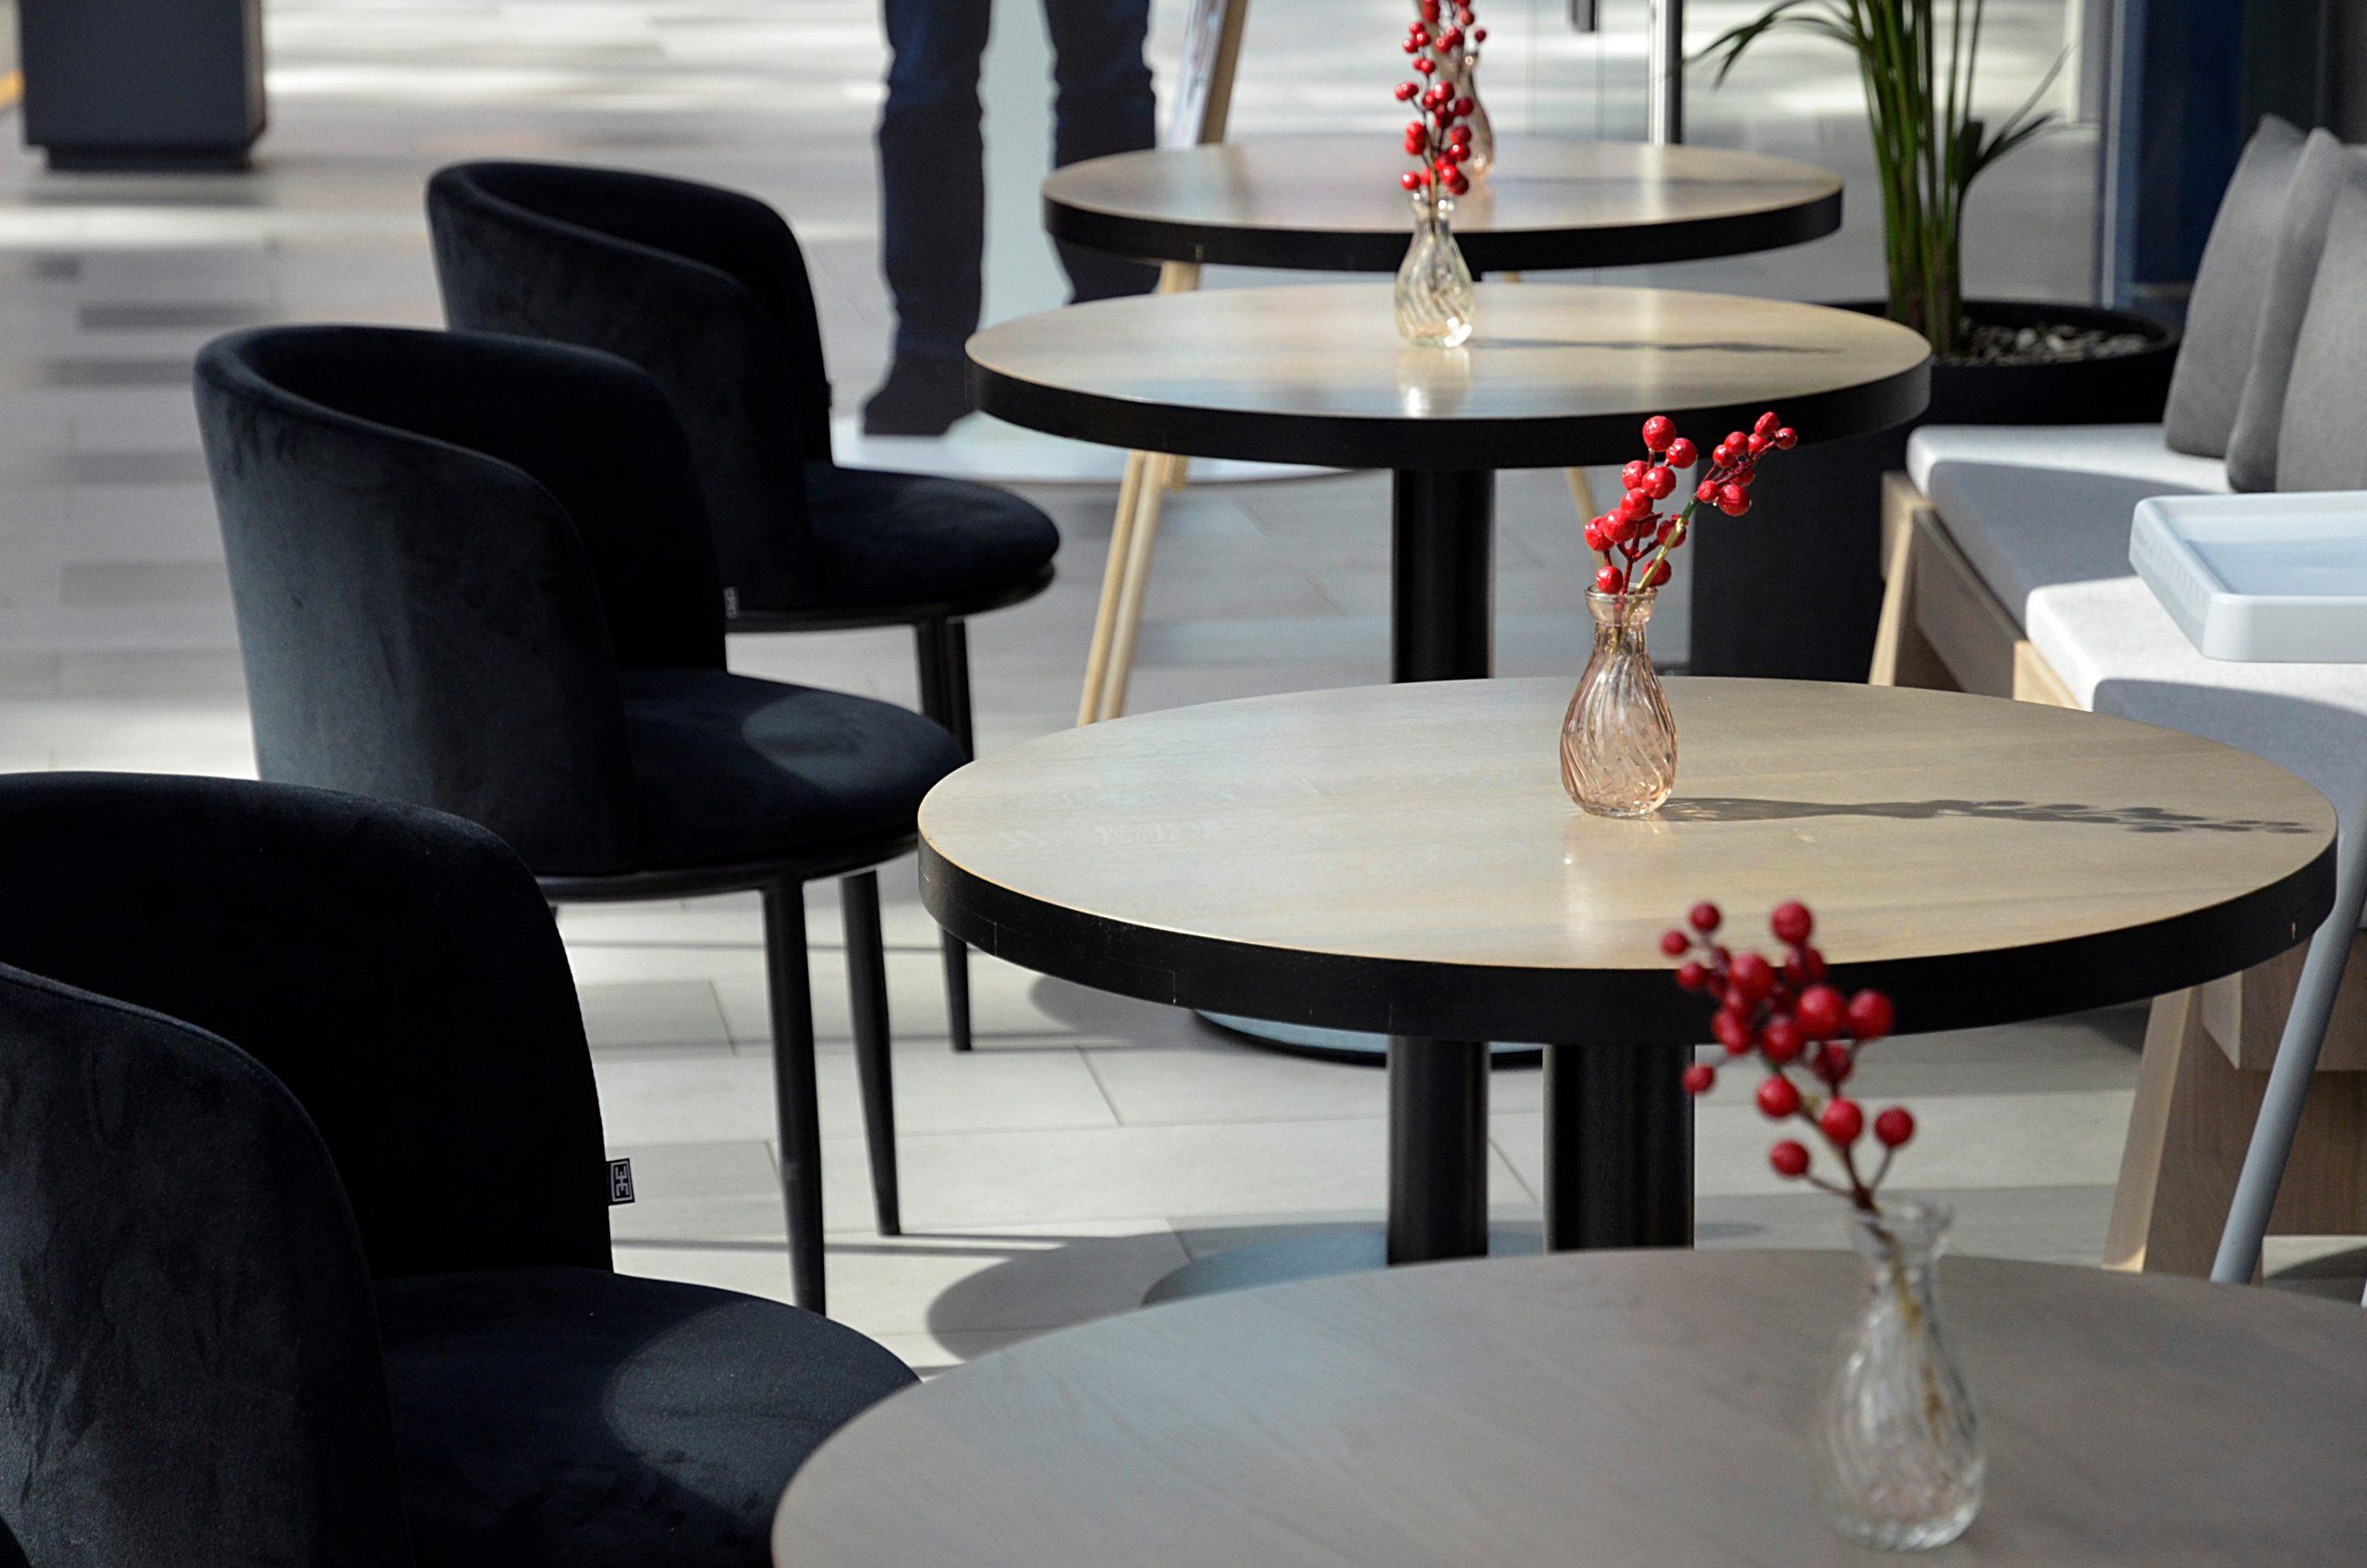 Власти столицы не планируют создавать отдельные зоны для привитых от COVID-19 в ресторанах города